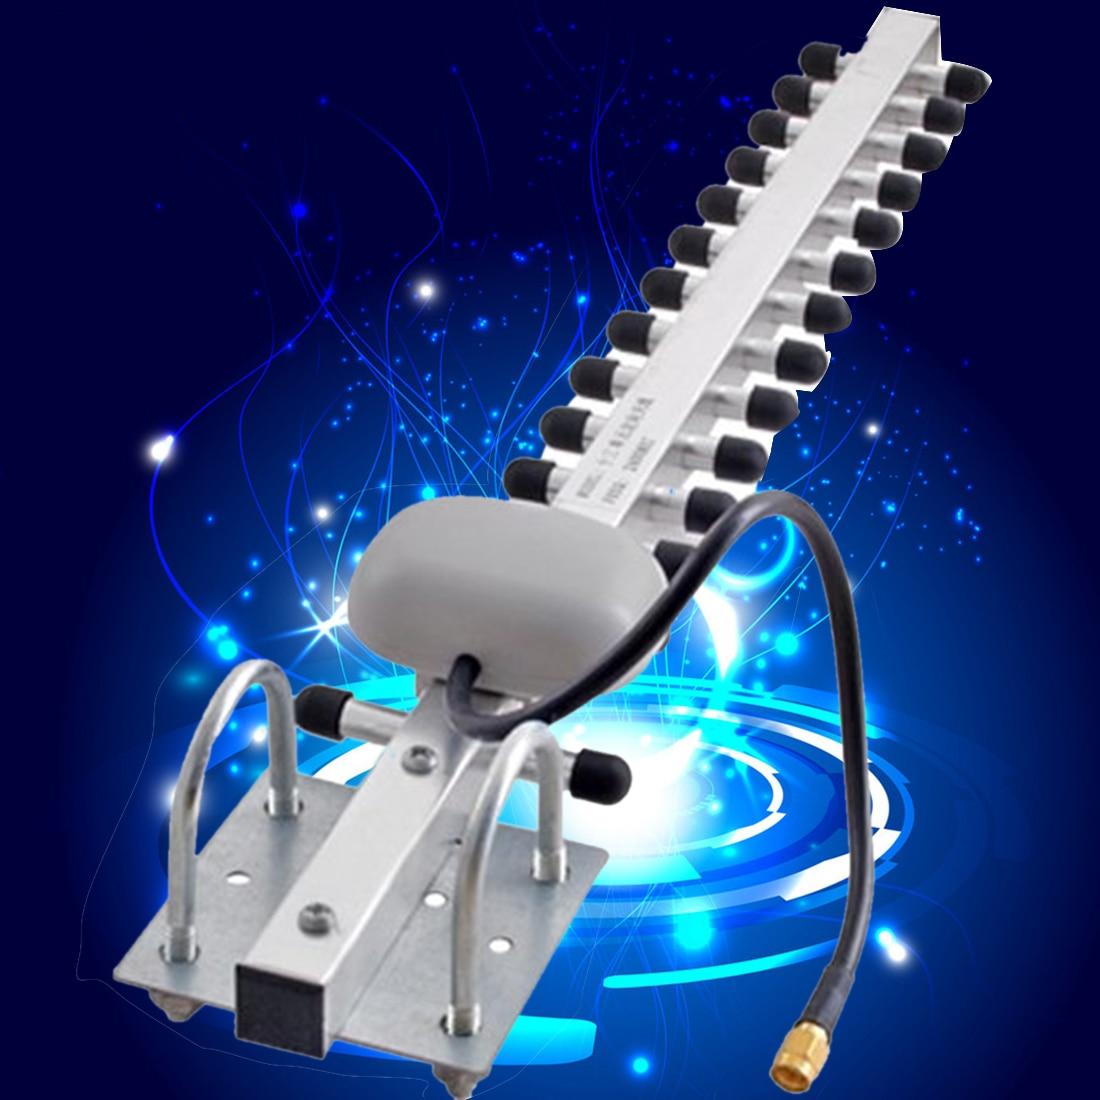 Etmakit Drahtlose WiFi Antenne 2,4 Ghz 20DBI 802.11B/G RP-SMA W-Lan Wifi Wan Repeater Top Qualität